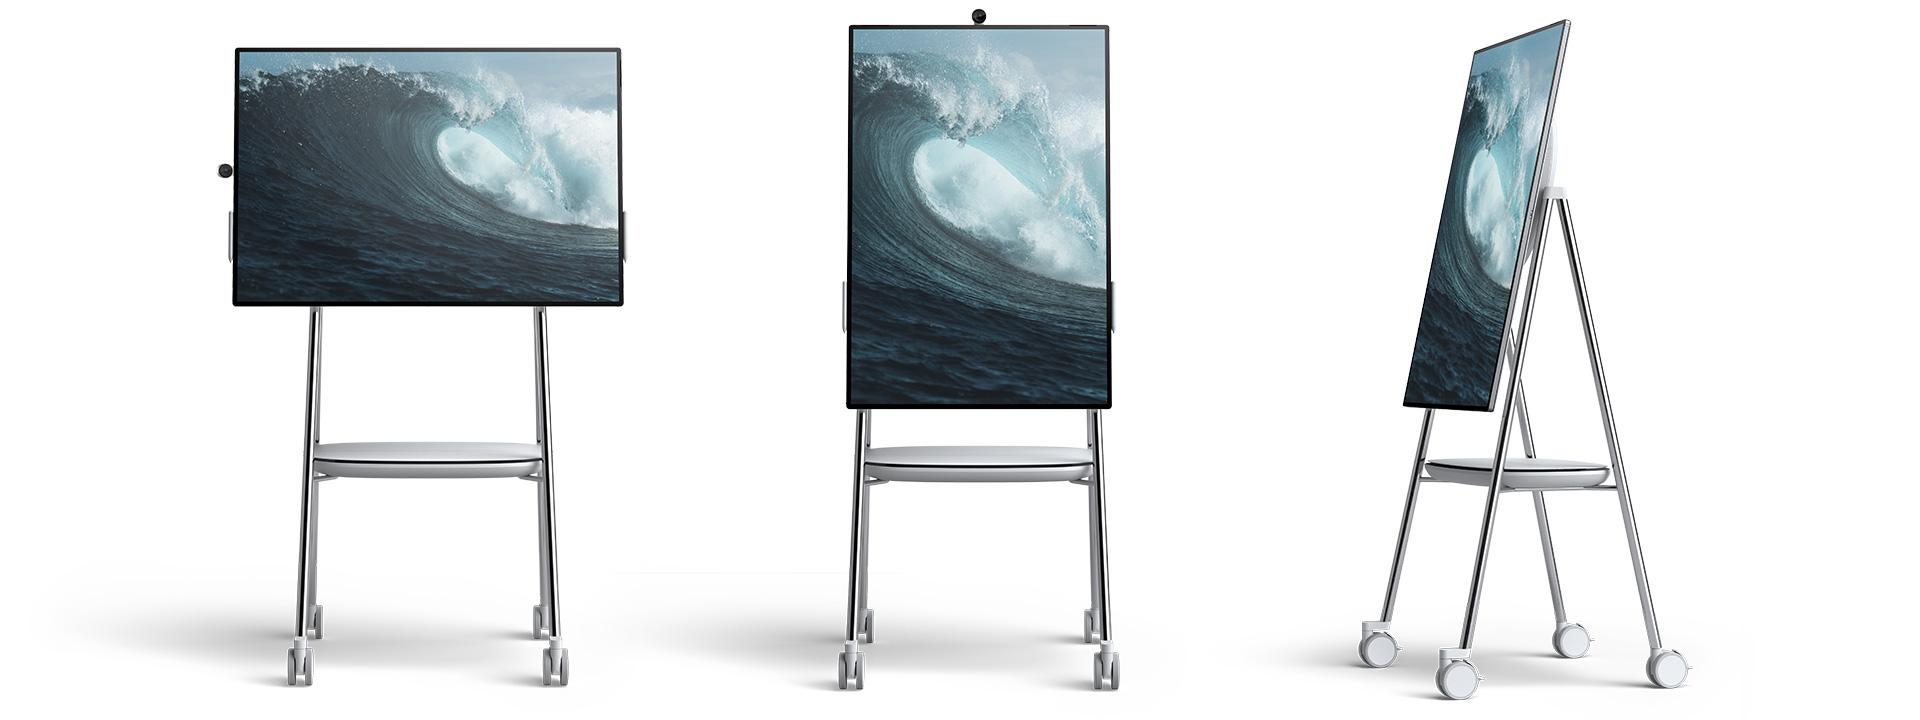 Drie Surface Hub 2-apparaten worden getoond op mobiele rolstandaarden, ontworpen door Steelcase